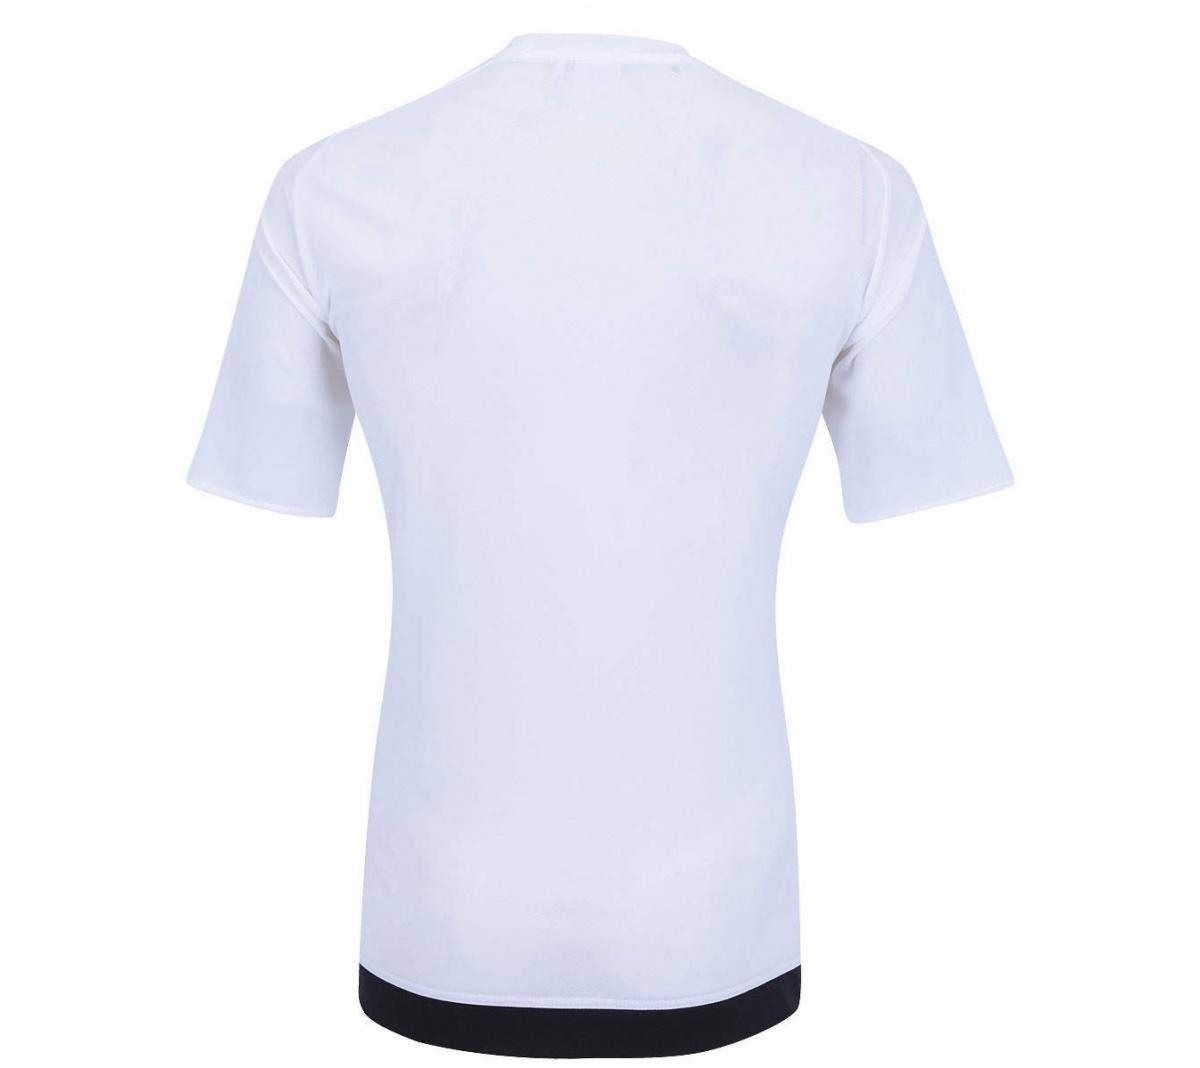 Camisa Adidas Estro 15 Branco Preto - Mundo do Futebol 99d7509ff6d51